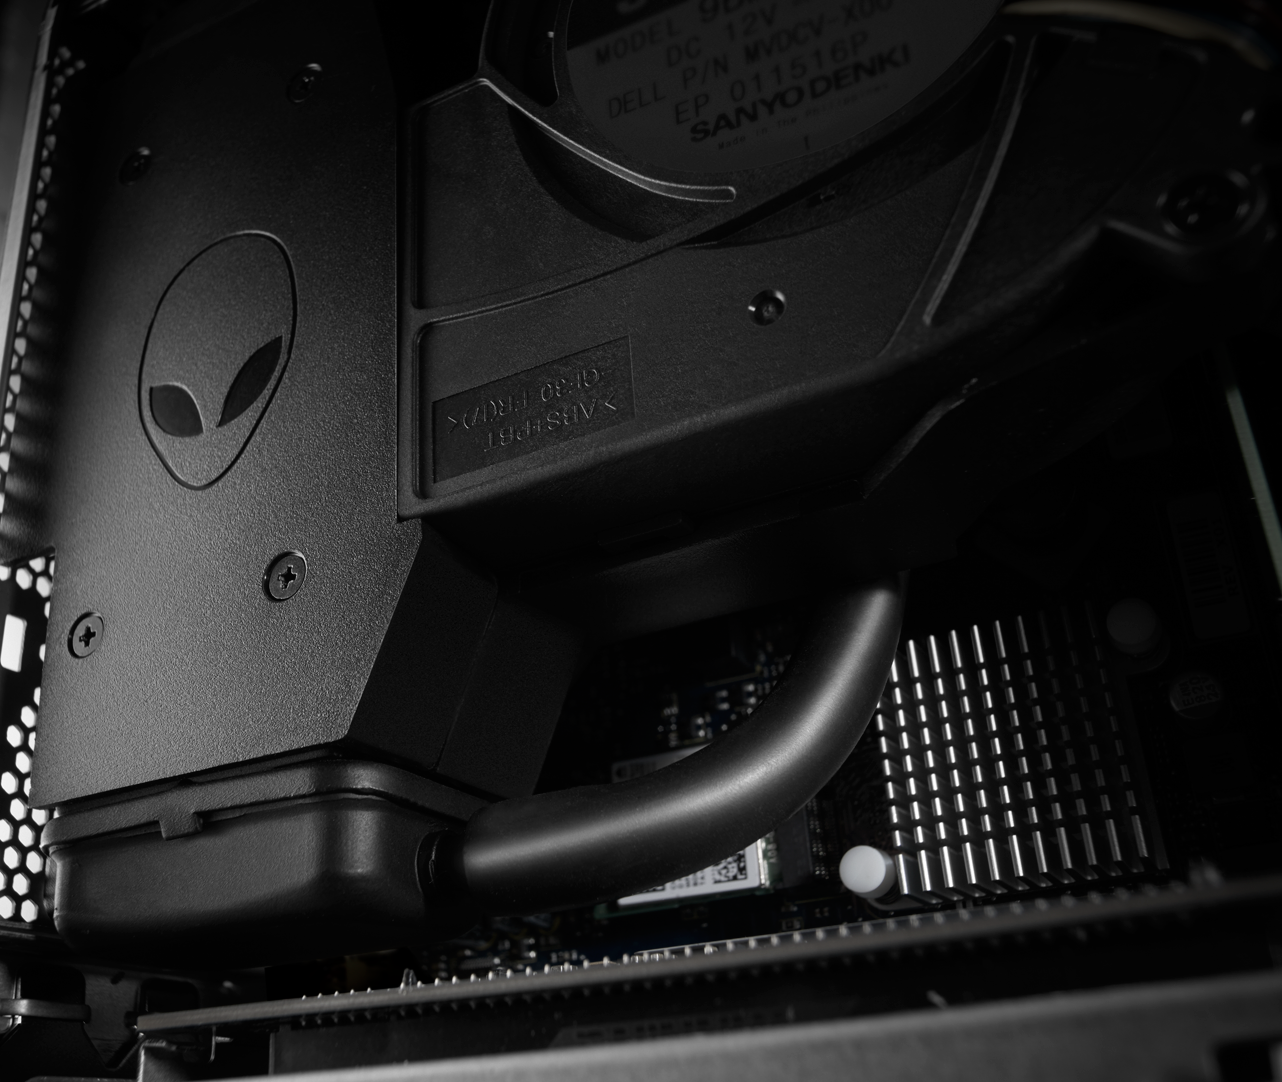 how to open alienware x51 desktop